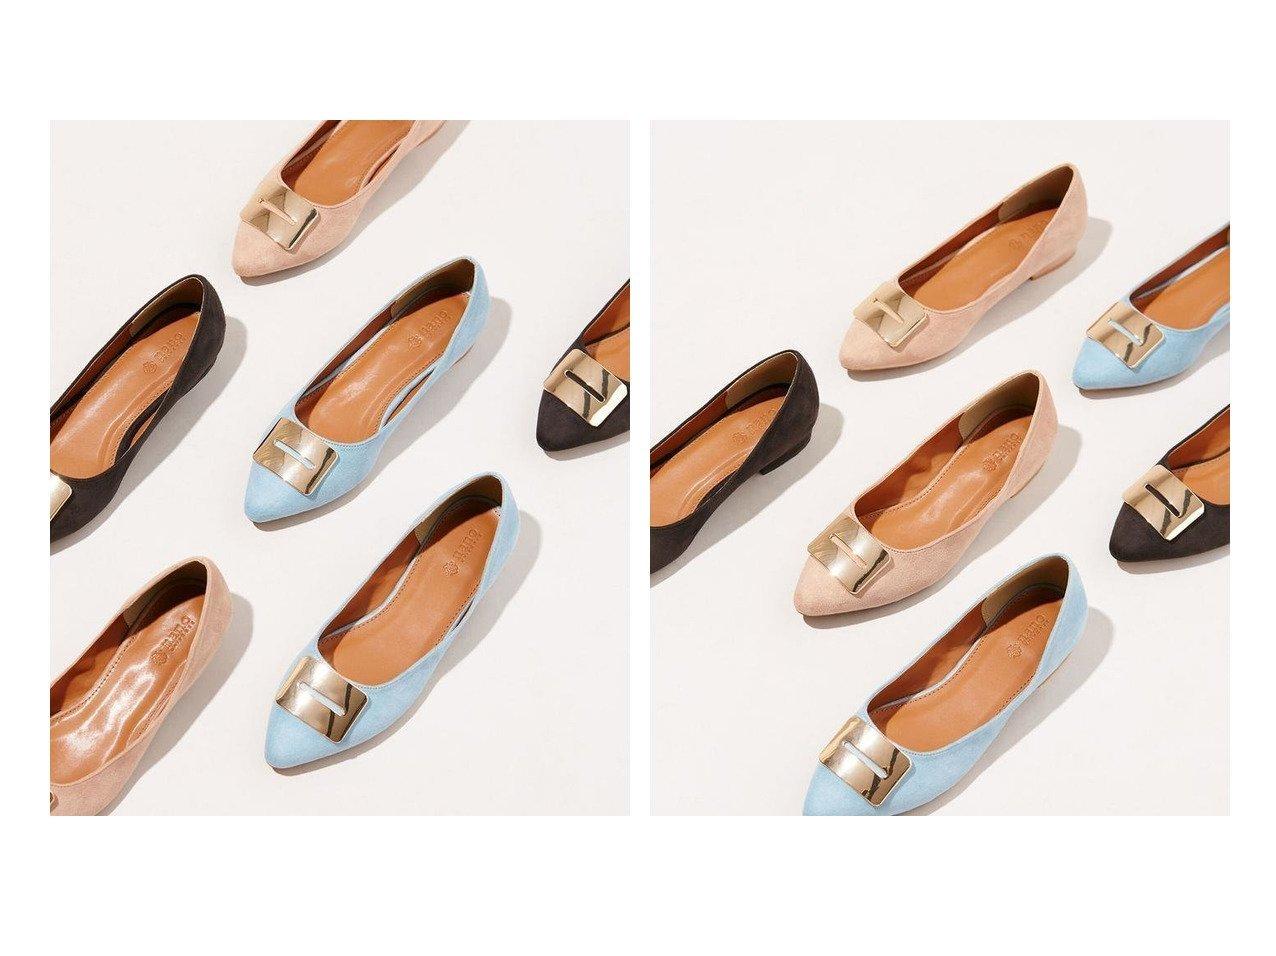 【nano universe/ナノ ユニバース】のメタルフラットパンプス 【シューズ・靴】おすすめ!人気、トレンド・レディースファッションの通販 おすすめファッション通販アイテム インテリア・キッズ・メンズ・レディースファッション・服の通販 founy(ファニー)  ファッション Fashion レディースファッション WOMEN アーモンドトゥ インソール エレガント クッション シューズ スクエア フェイクスエード フォルム フラット メタル モチーフ ブルー系 Blue ベージュ系 Beige レッド系 Red ブラック系 Black |ID:crp329100000037632